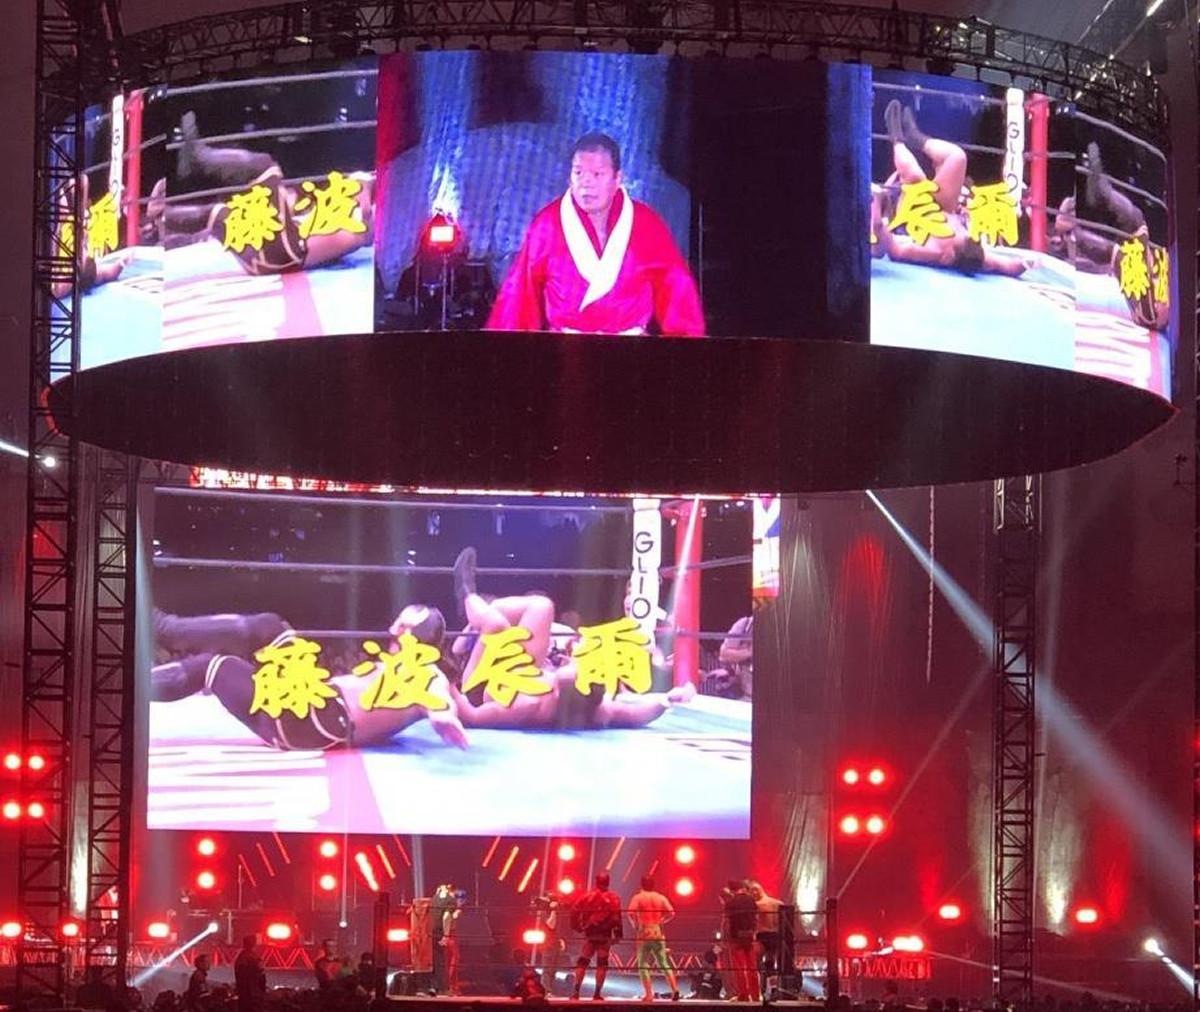 1月4日の新日本プロレス「WRESTLE KINGDOM14 in 東京ドーム」で藤波辰爾の入場時に出た昭和の「ワールドプロレスリング」風のテロップ